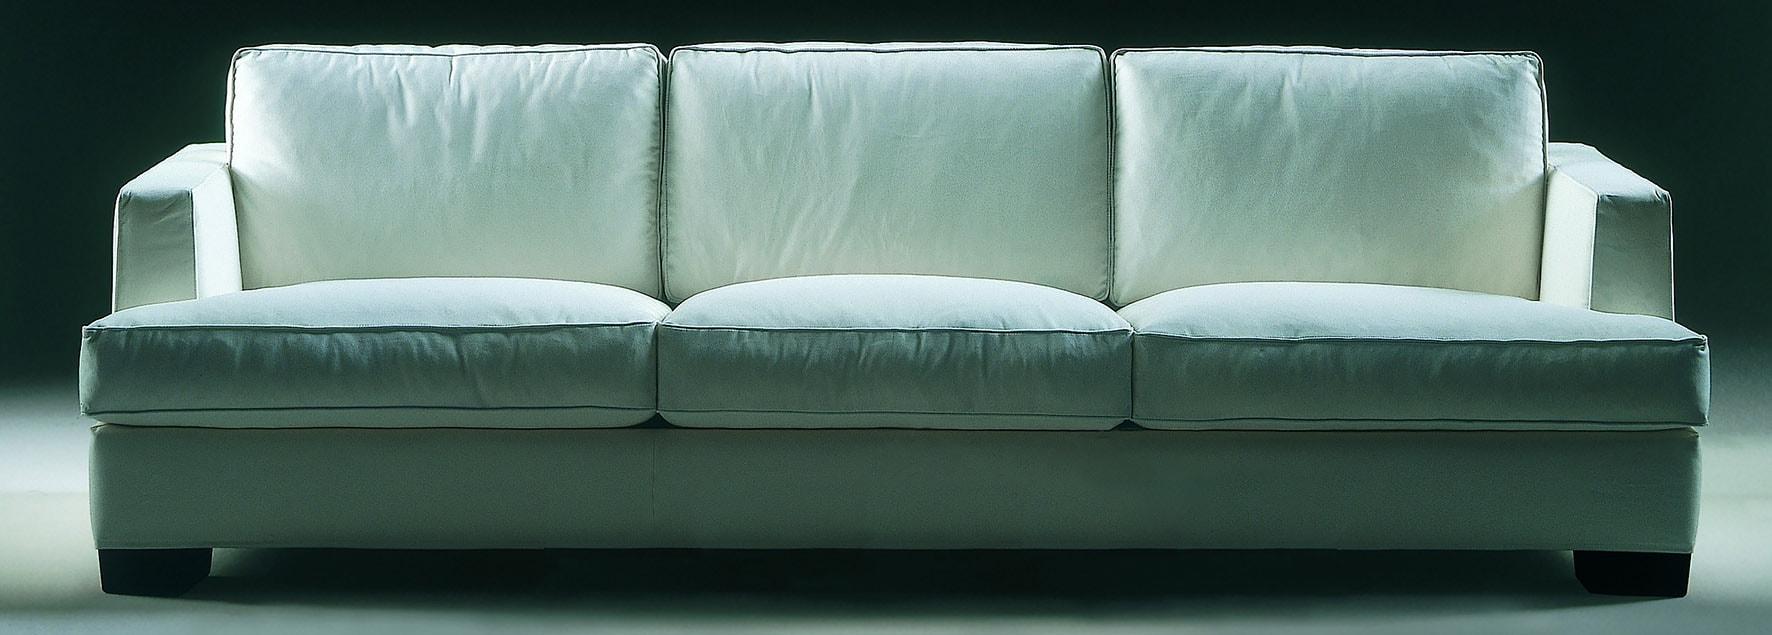 Фабрики диванов Ангажемент в Грозном купить